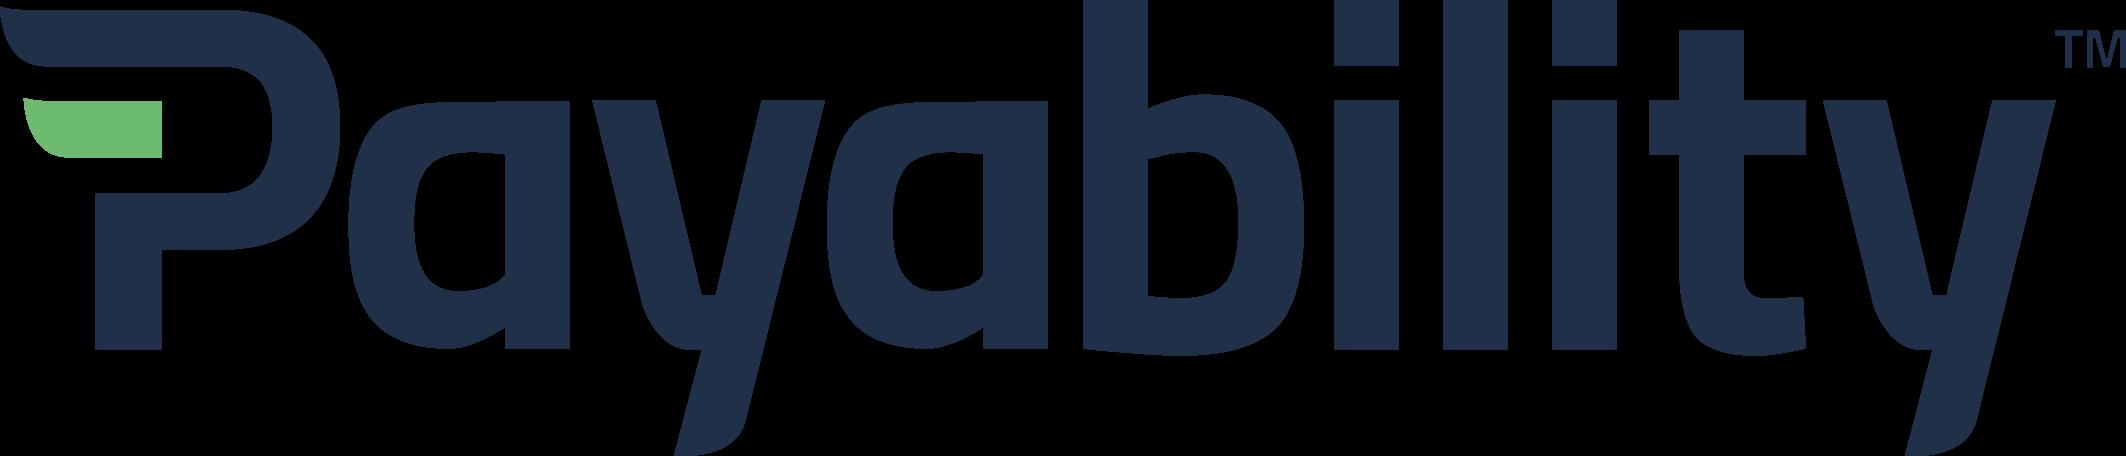 Payability_Company_Logo (1)